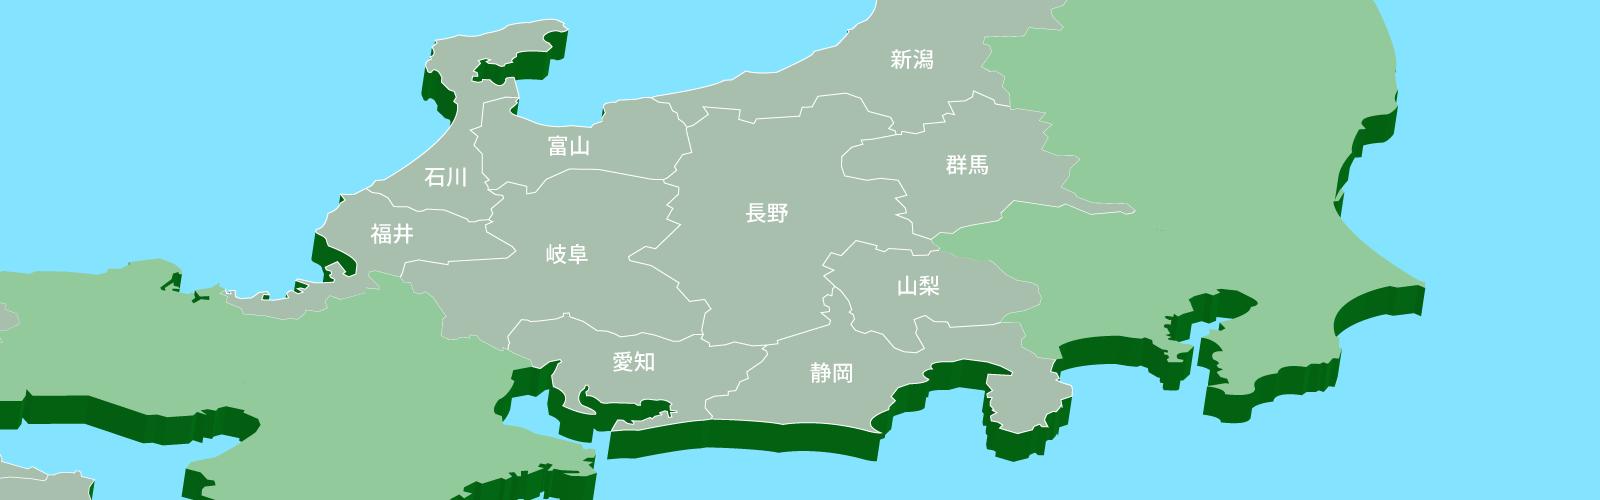 中部エリア地図